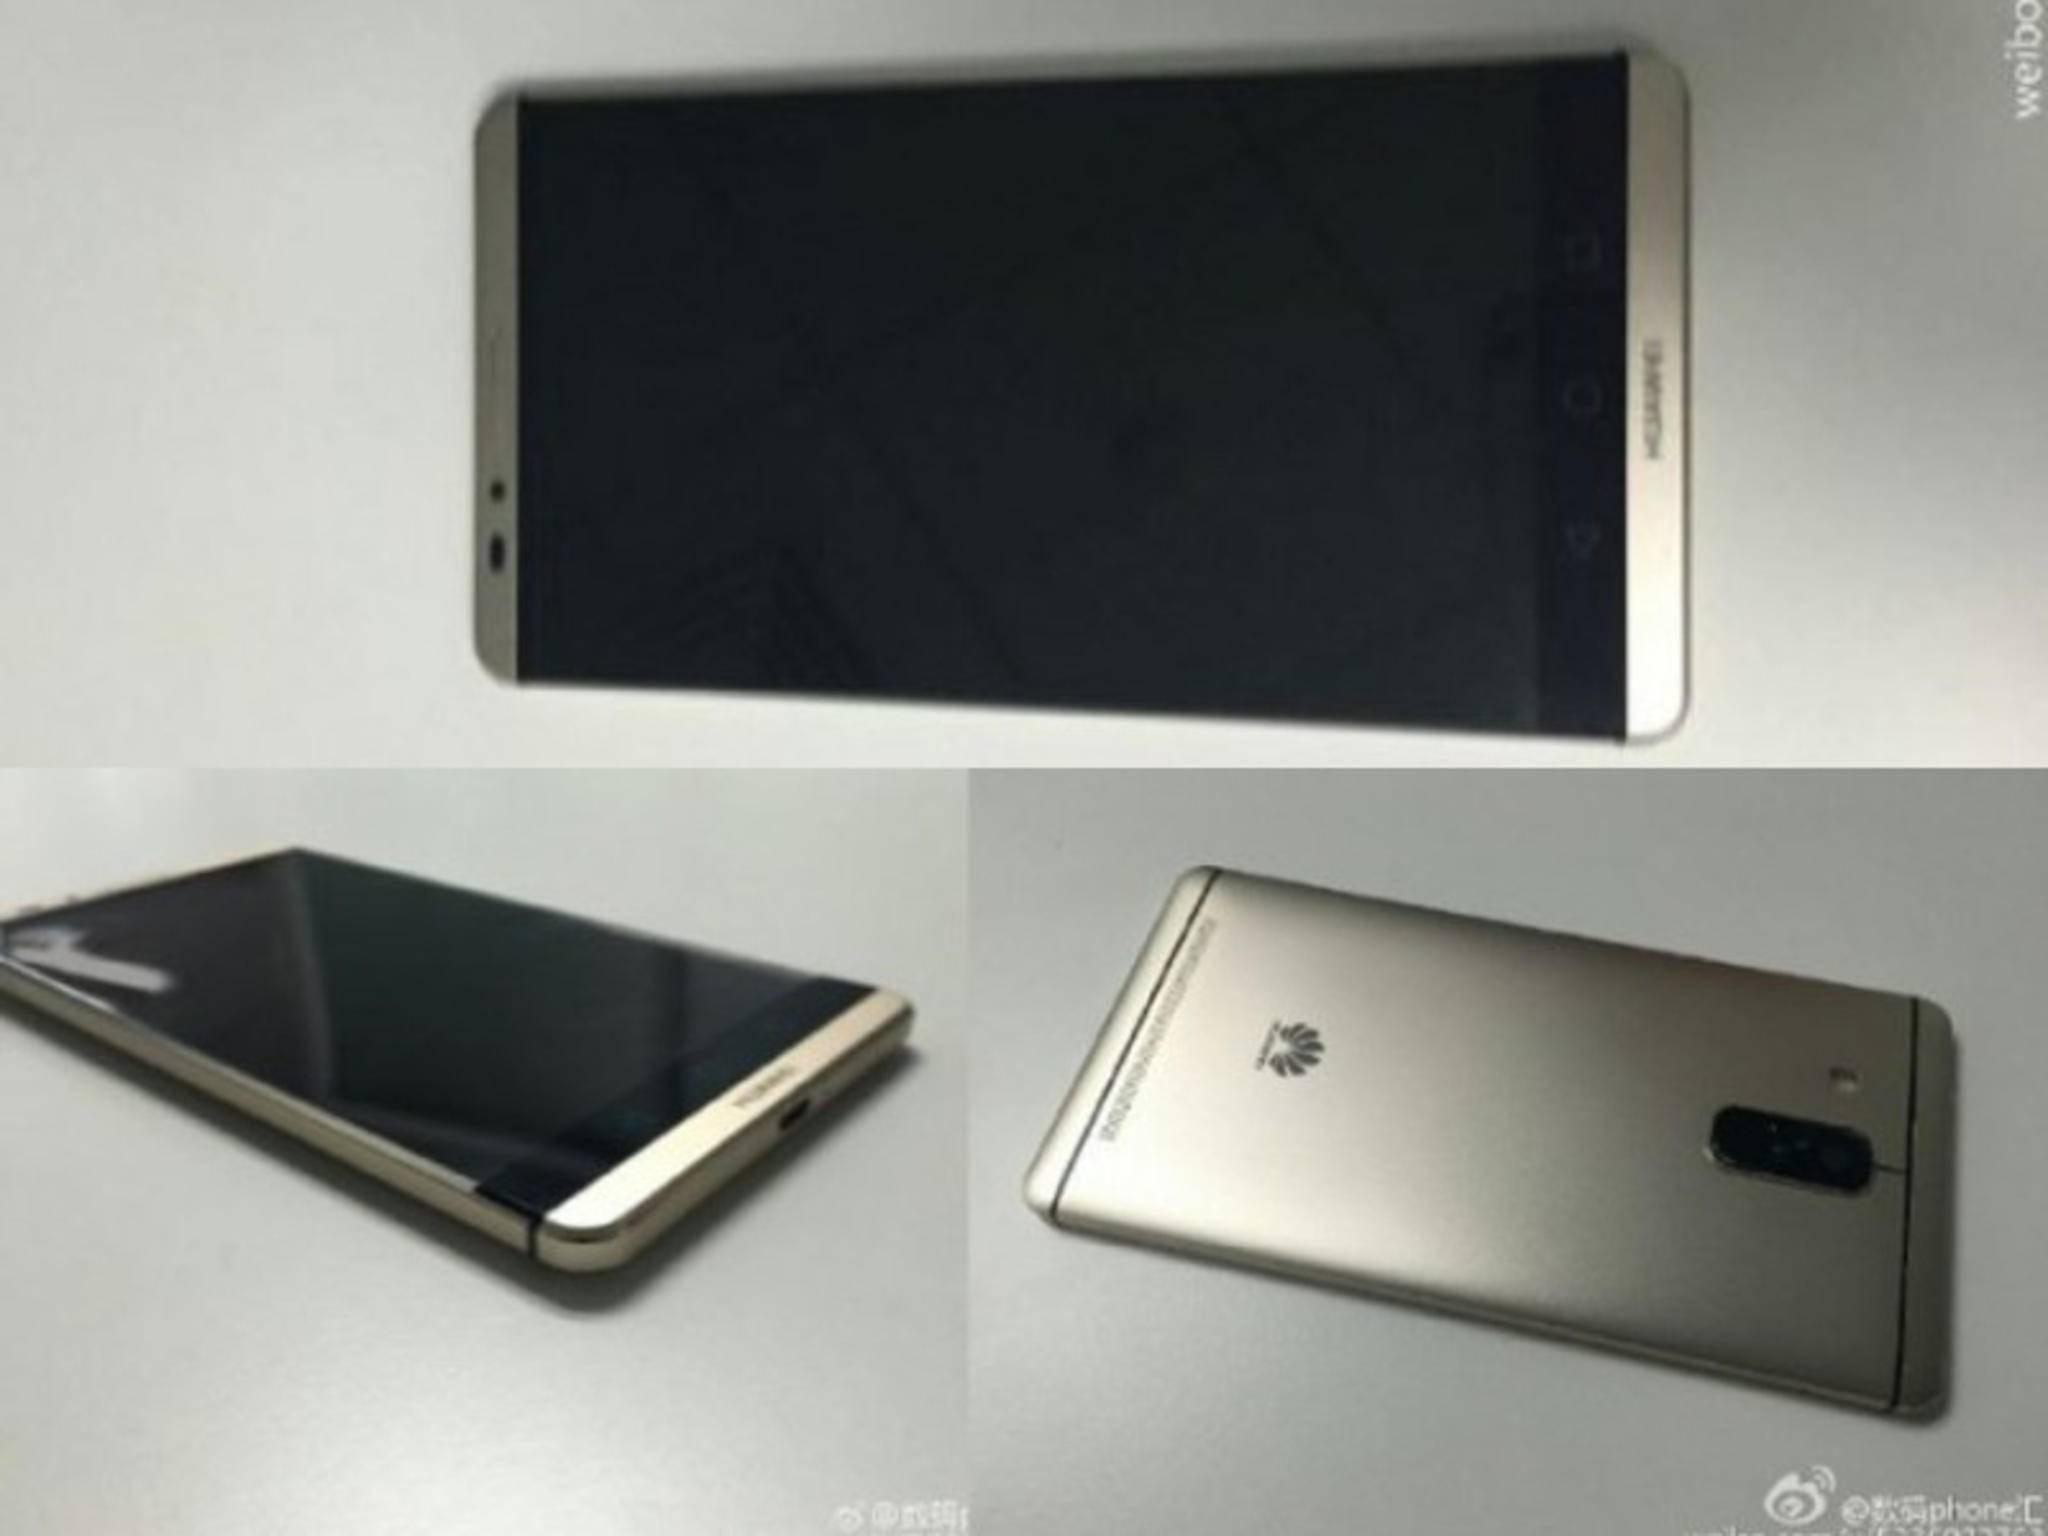 Erste Bilder zeigen angeblich das Huawei Mate 8.